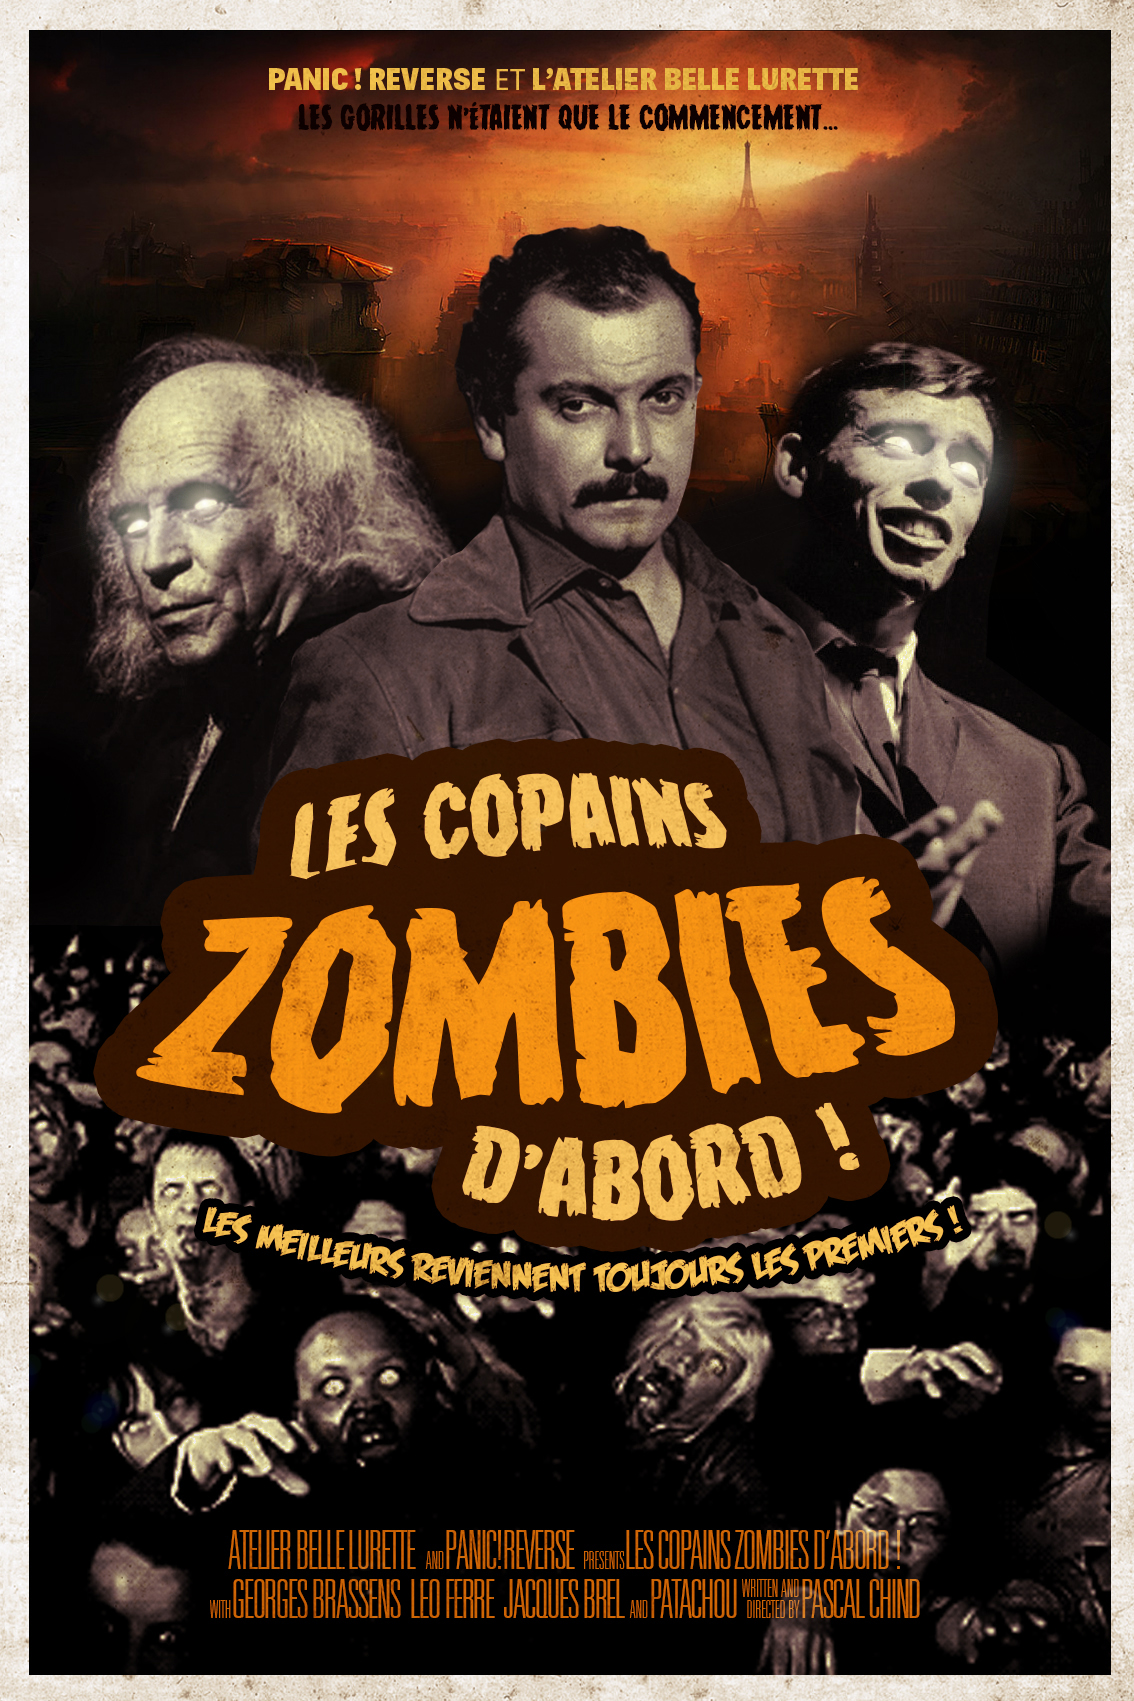 Les Copains Zombies d'abord - Atelier Bellelurette